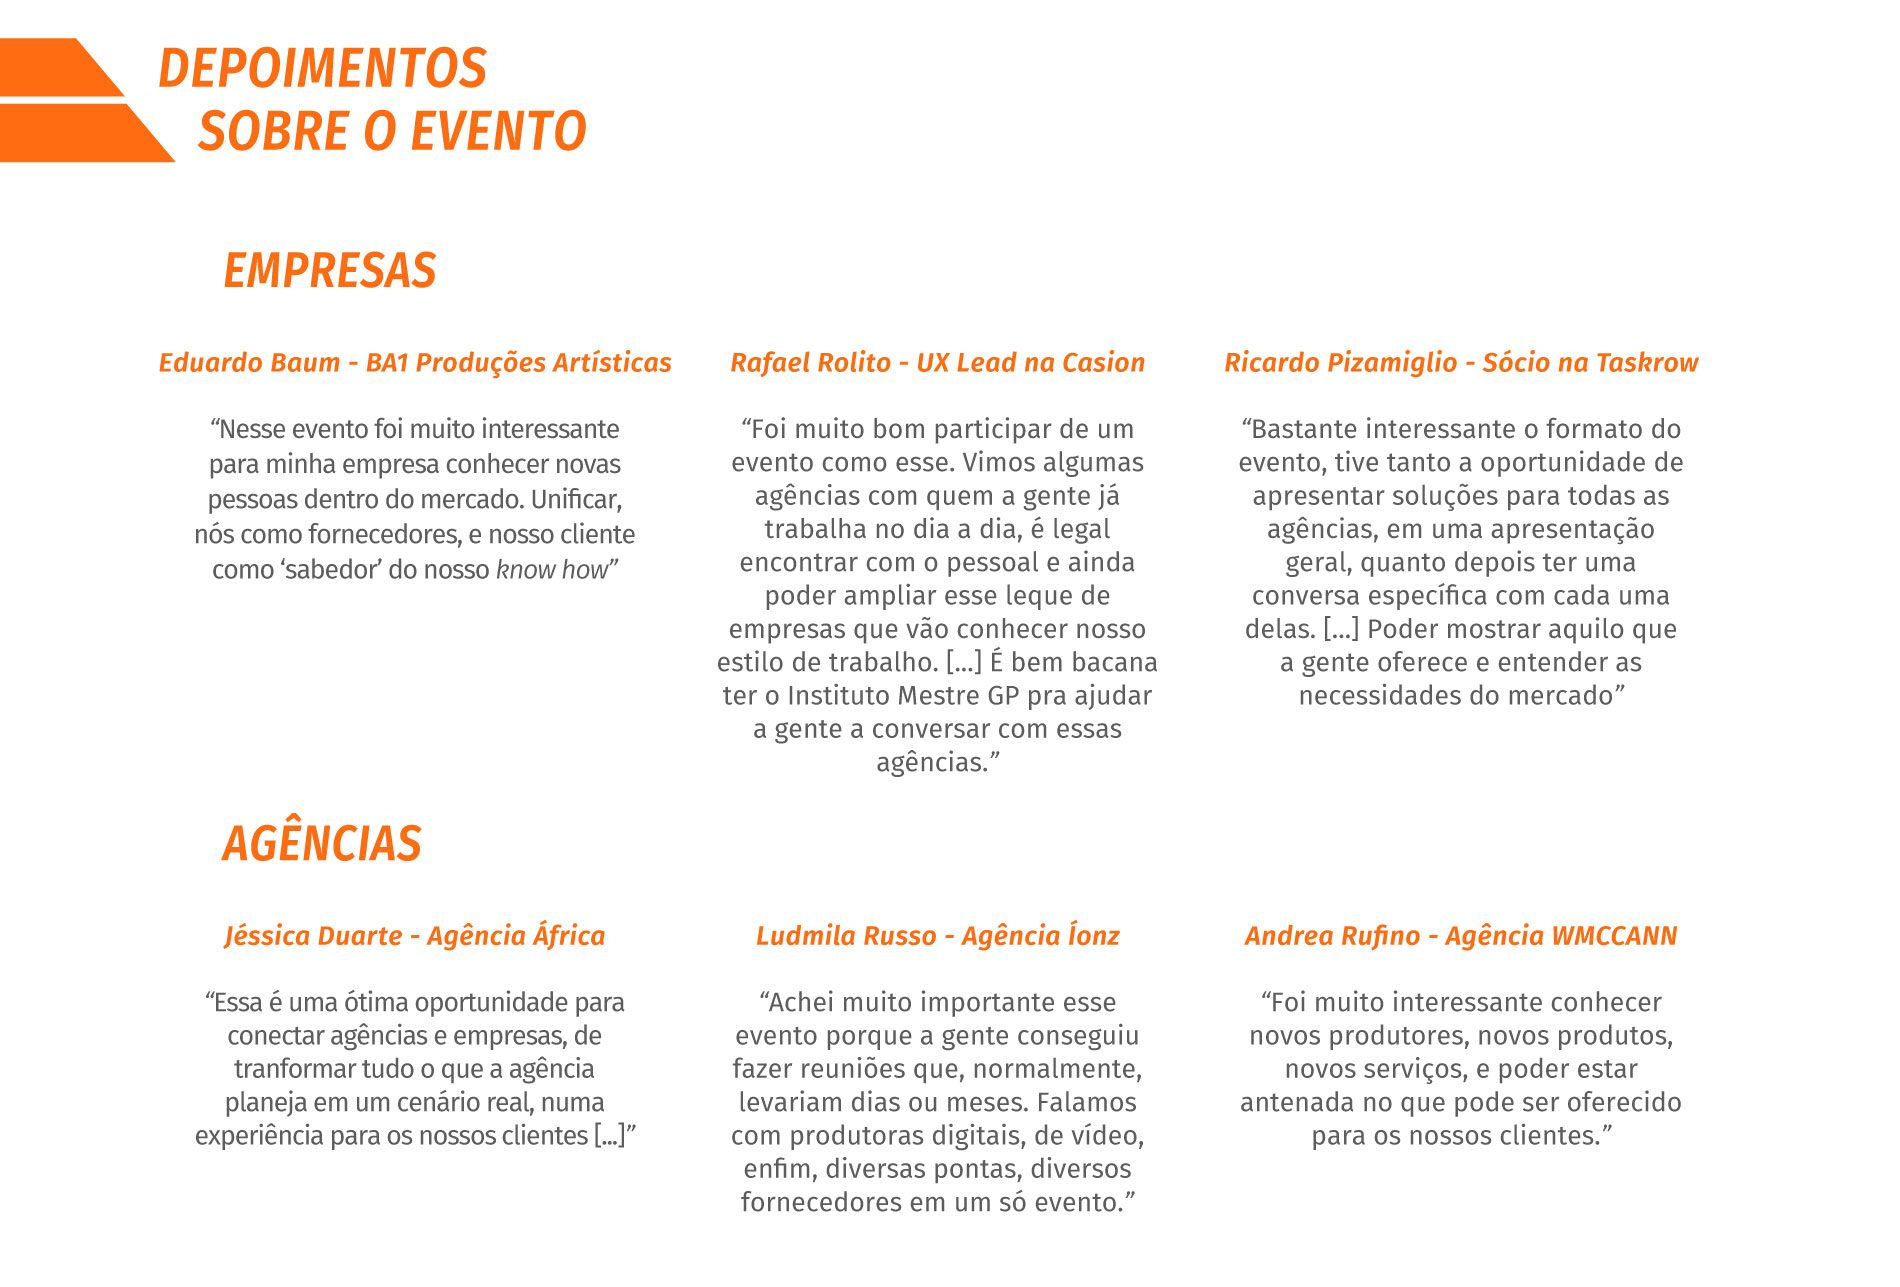 https://www.mestregp.com.br/wp-content/uploads/2018/06/Pagina-SpdP2-Depoimento-1900x1287.jpg